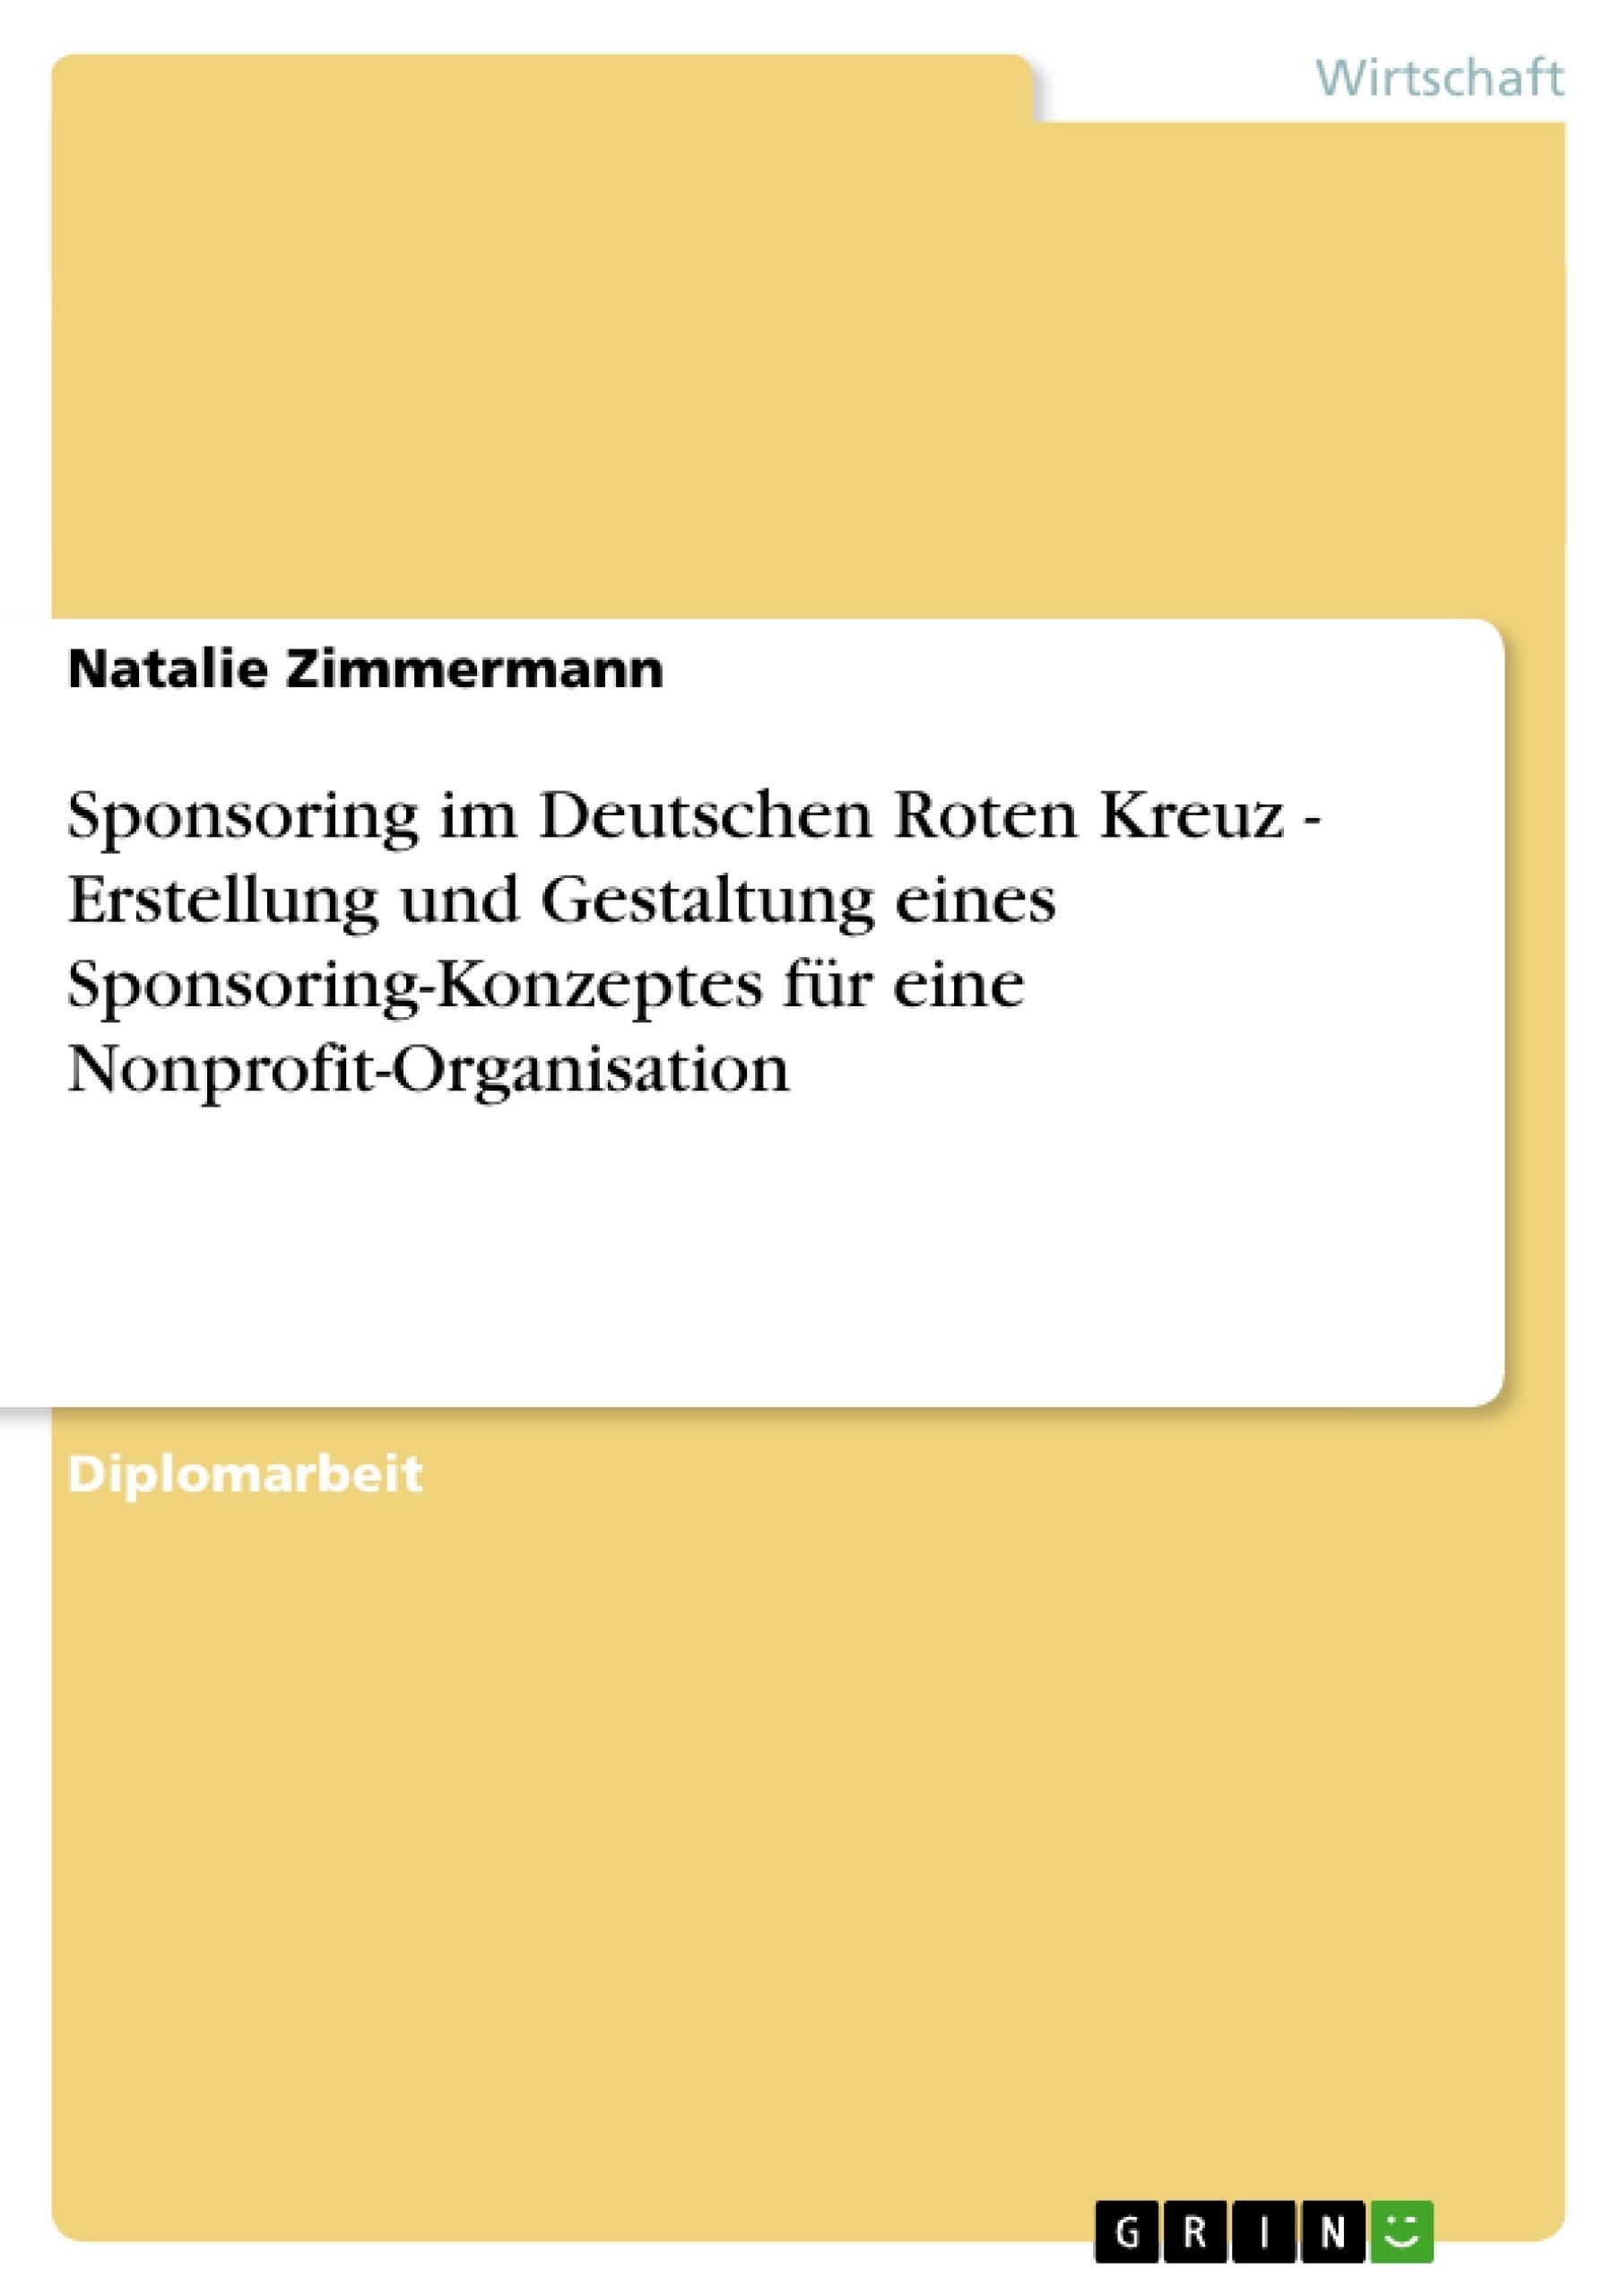 Titel: Sponsoring im Deutschen Roten Kreuz - Erstellung und Gestaltung eines Sponsoring-Konzeptes für eine Nonprofit-Organisation